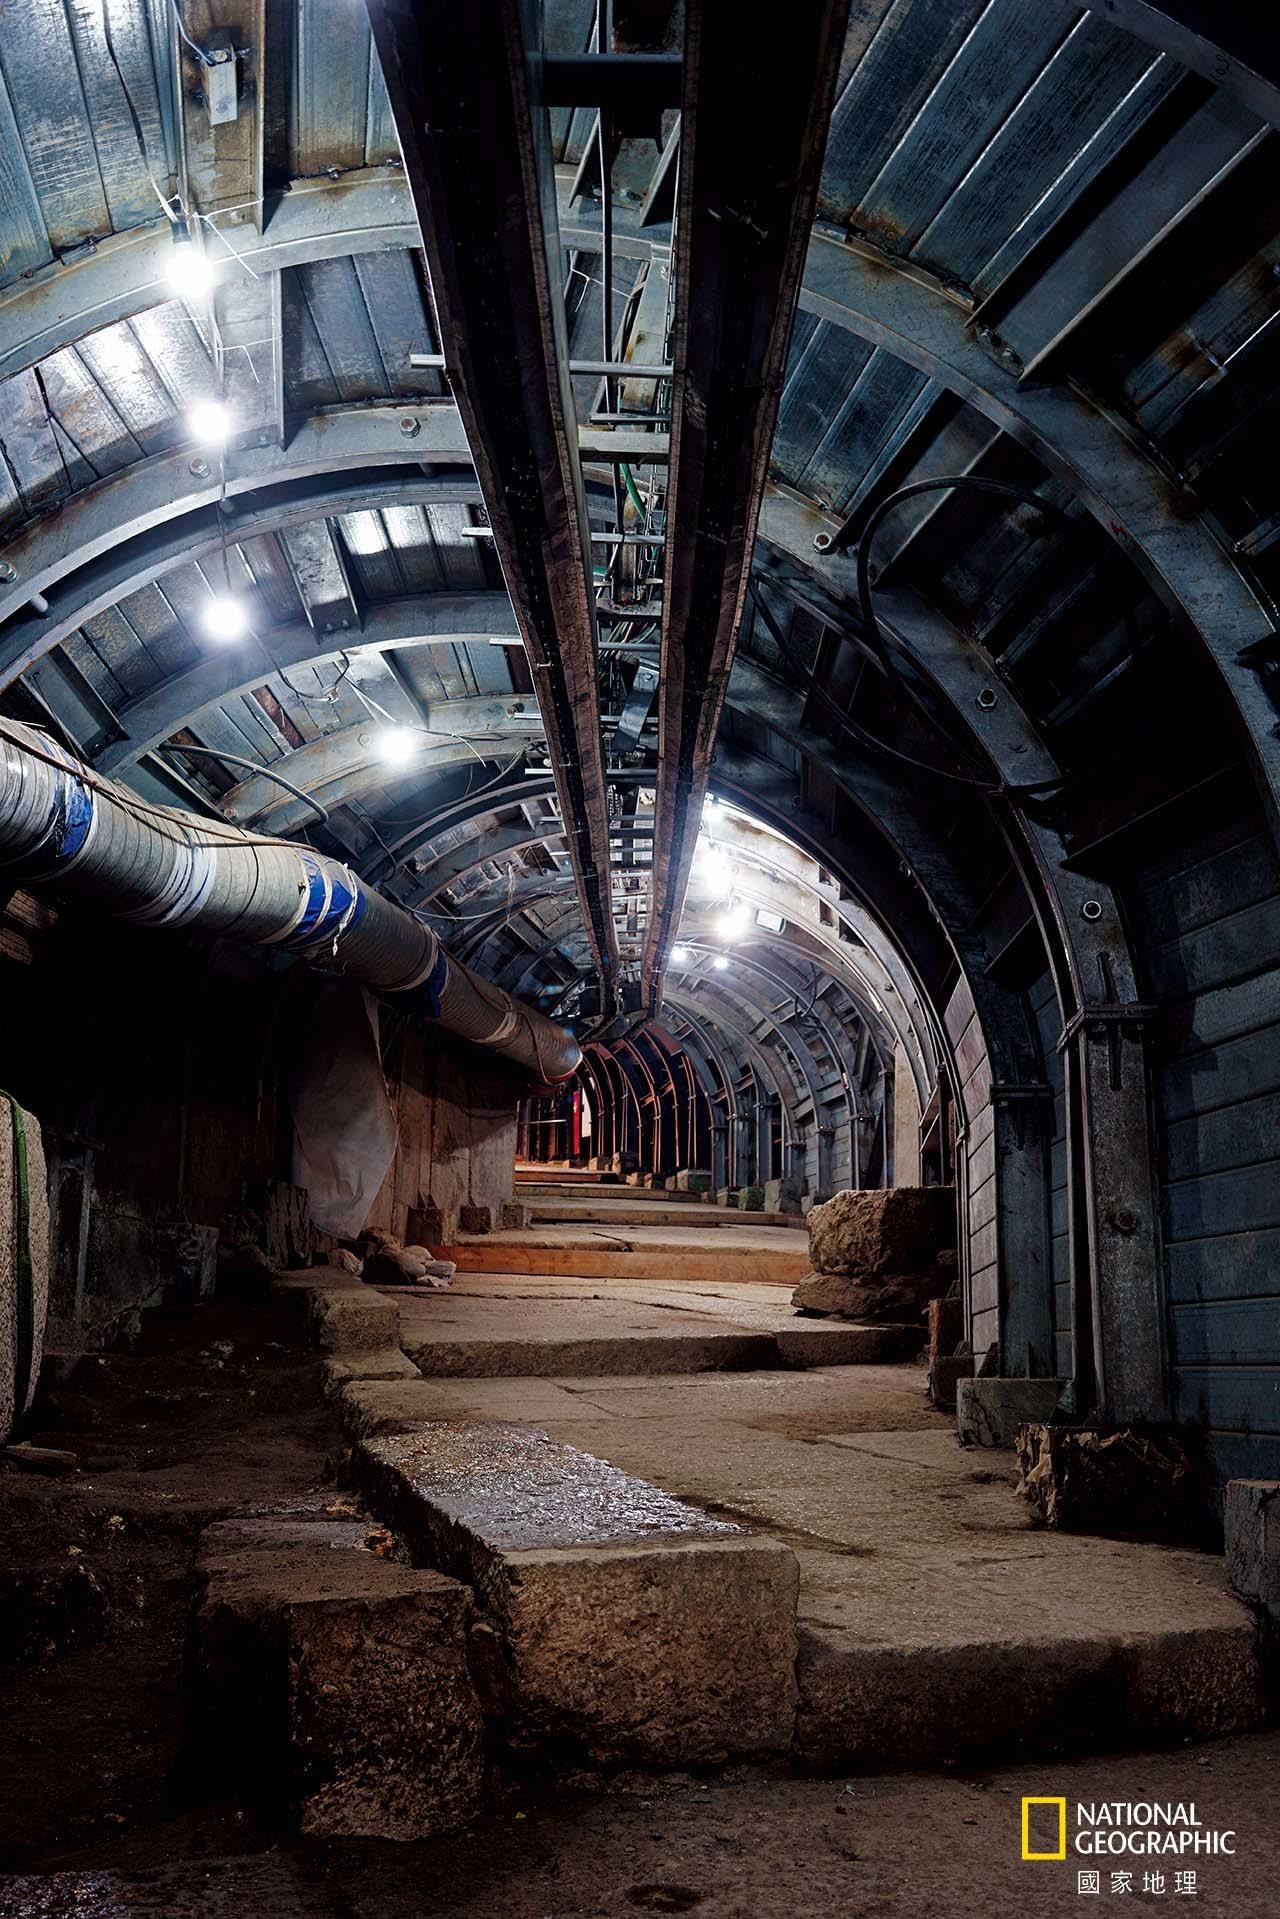 為了發掘在2000年前通往猶太聖殿的階梯道路,以色列考古學家與工程師在巴勒斯坦住...